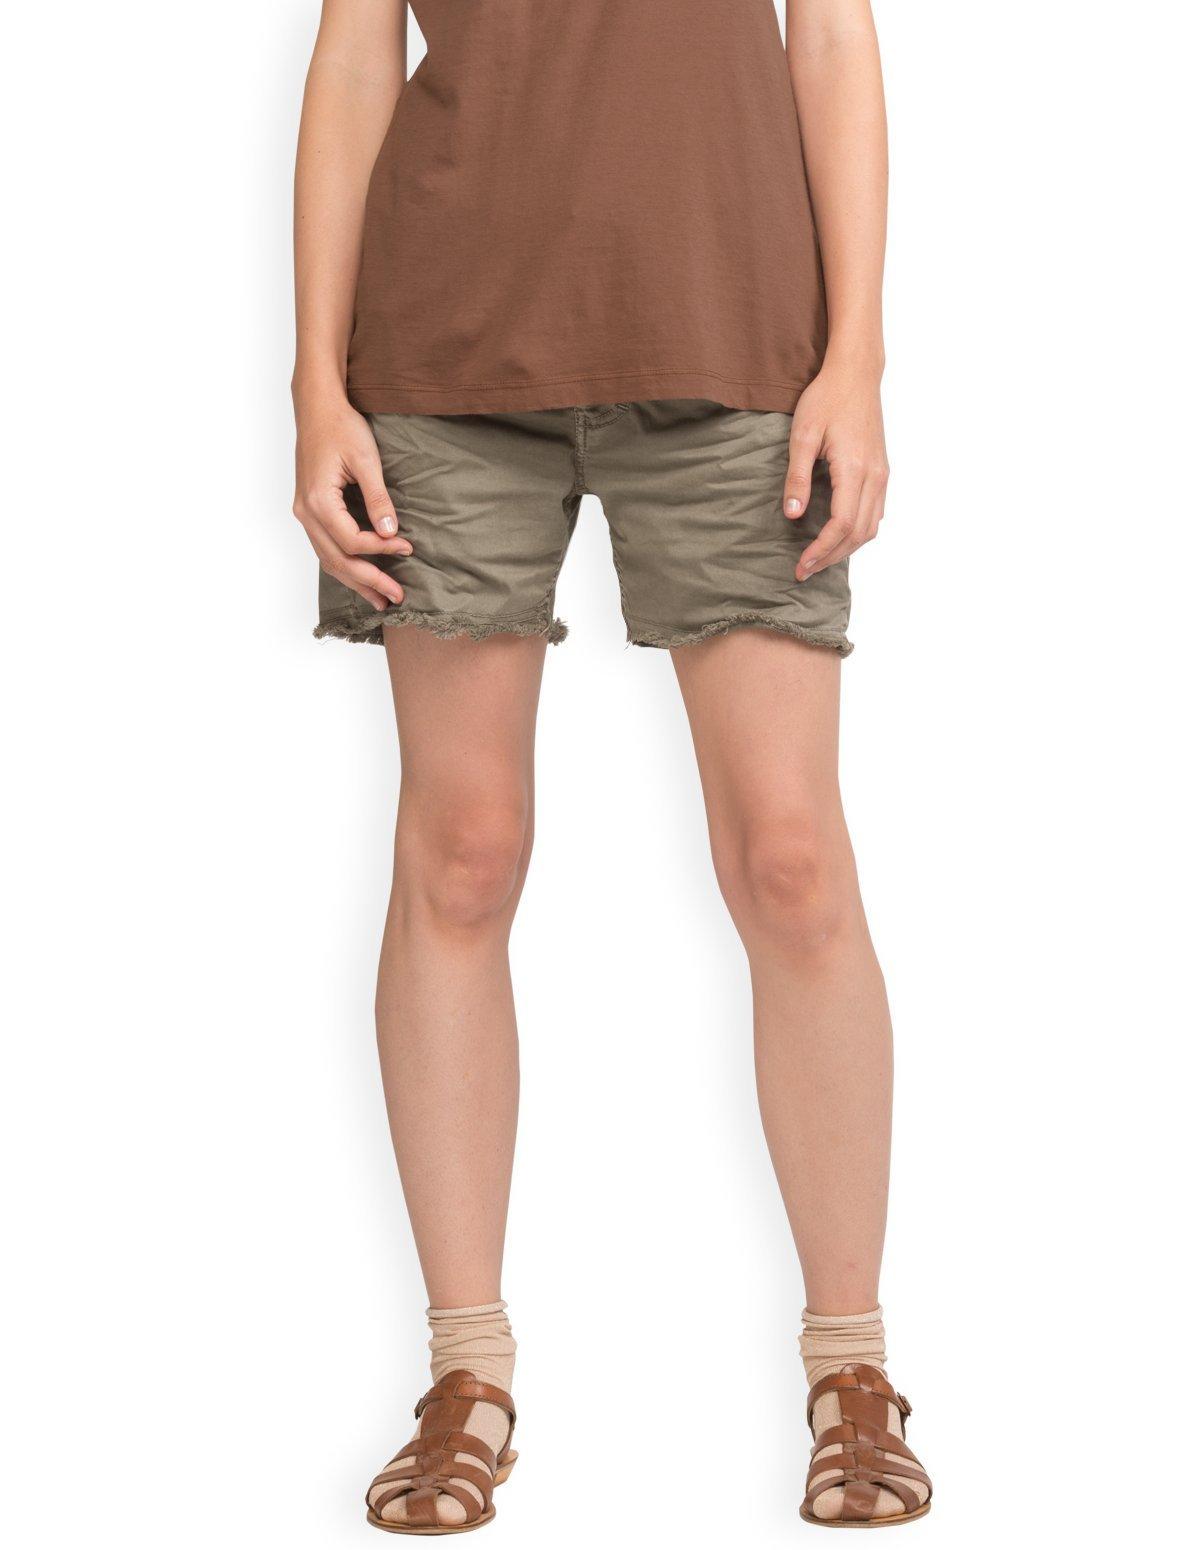 Neushop Women's Please P26LCV94U Wrinkled Cotton Frayed Shorts, Coriander , Size L